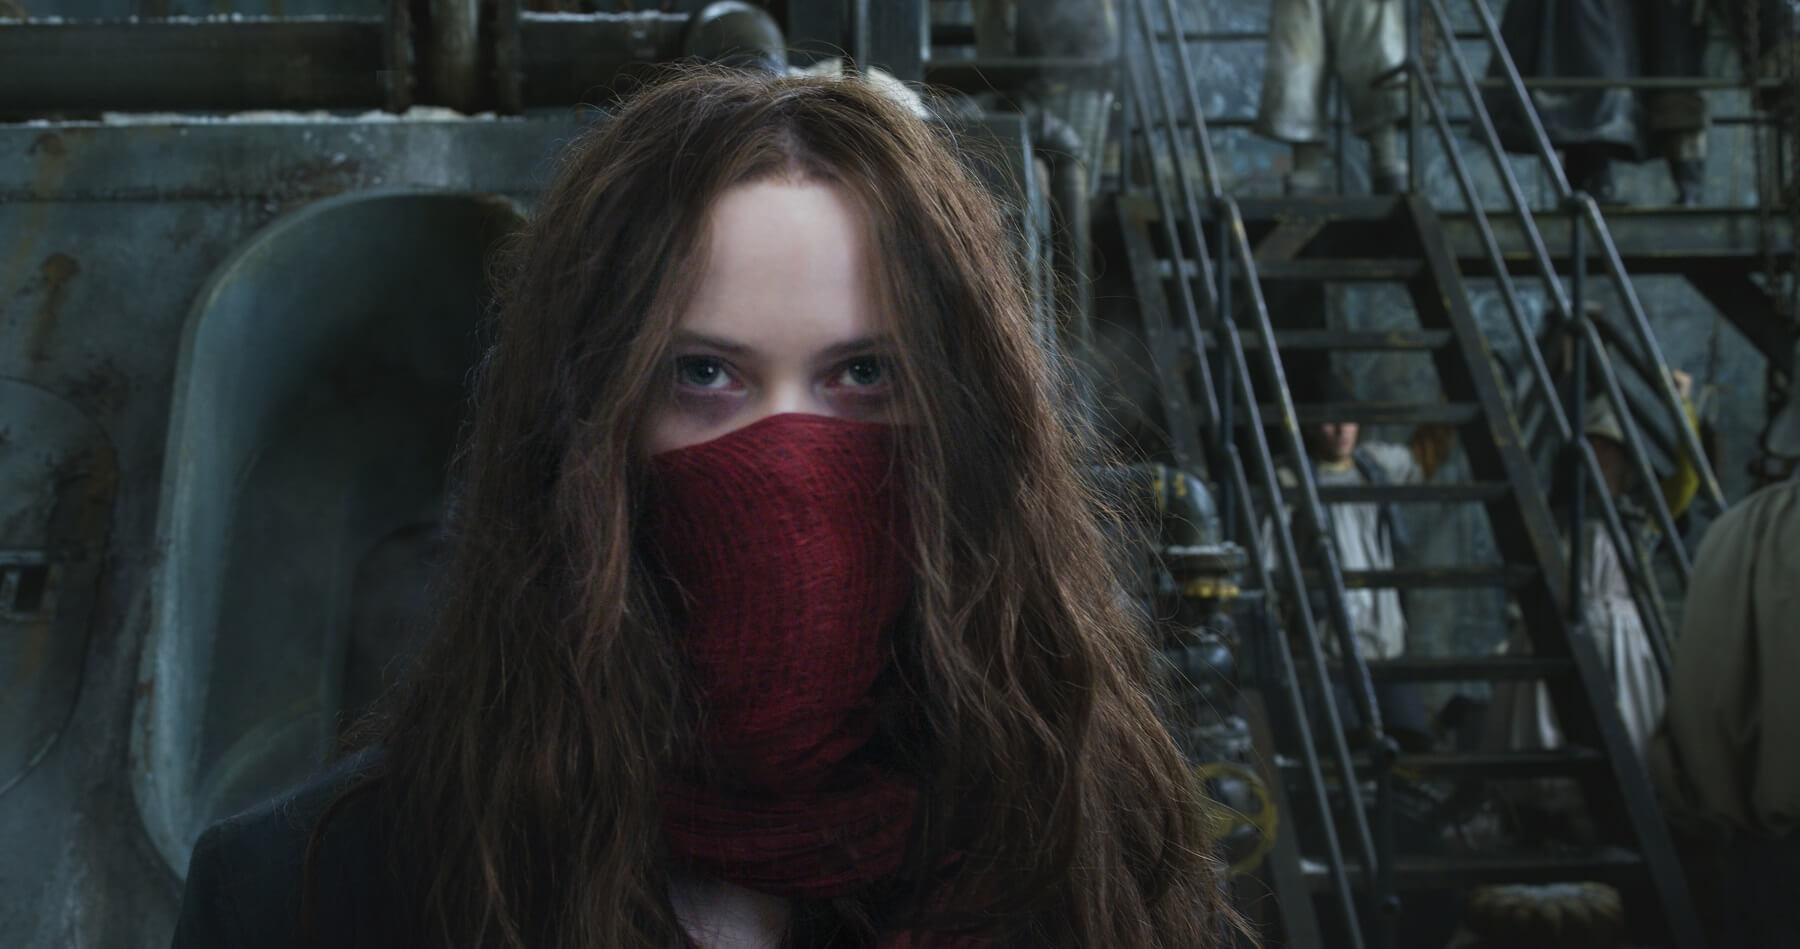 《 移動城市 : 致命引擎 》 劇照 女主角由 赫拉希爾馬 飾演。